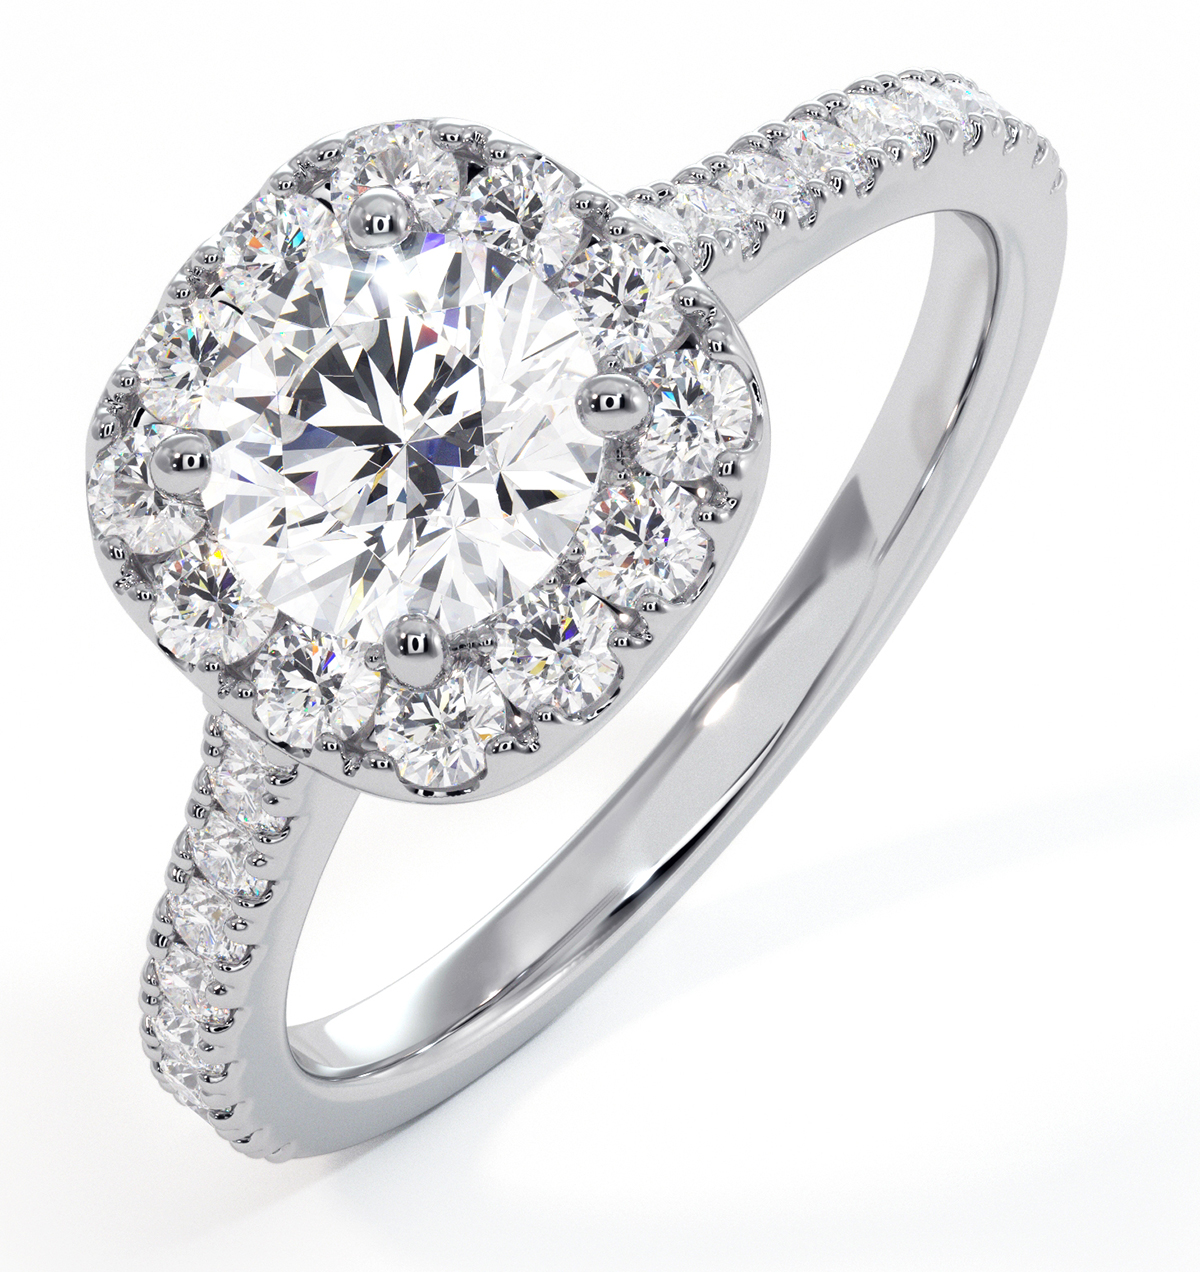 Elizabeth GIA Diamond Halo Engagement Ring 18K White Gold 1.30ct G/VS1 - image 1